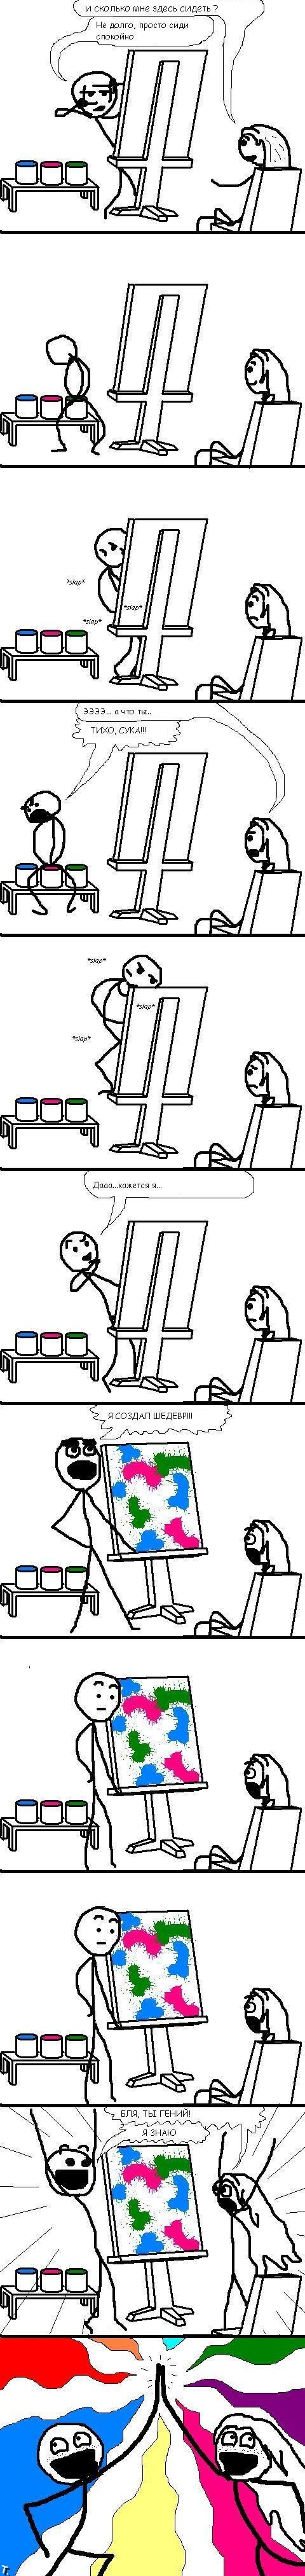 Как создается современное искусство (11 картинок)